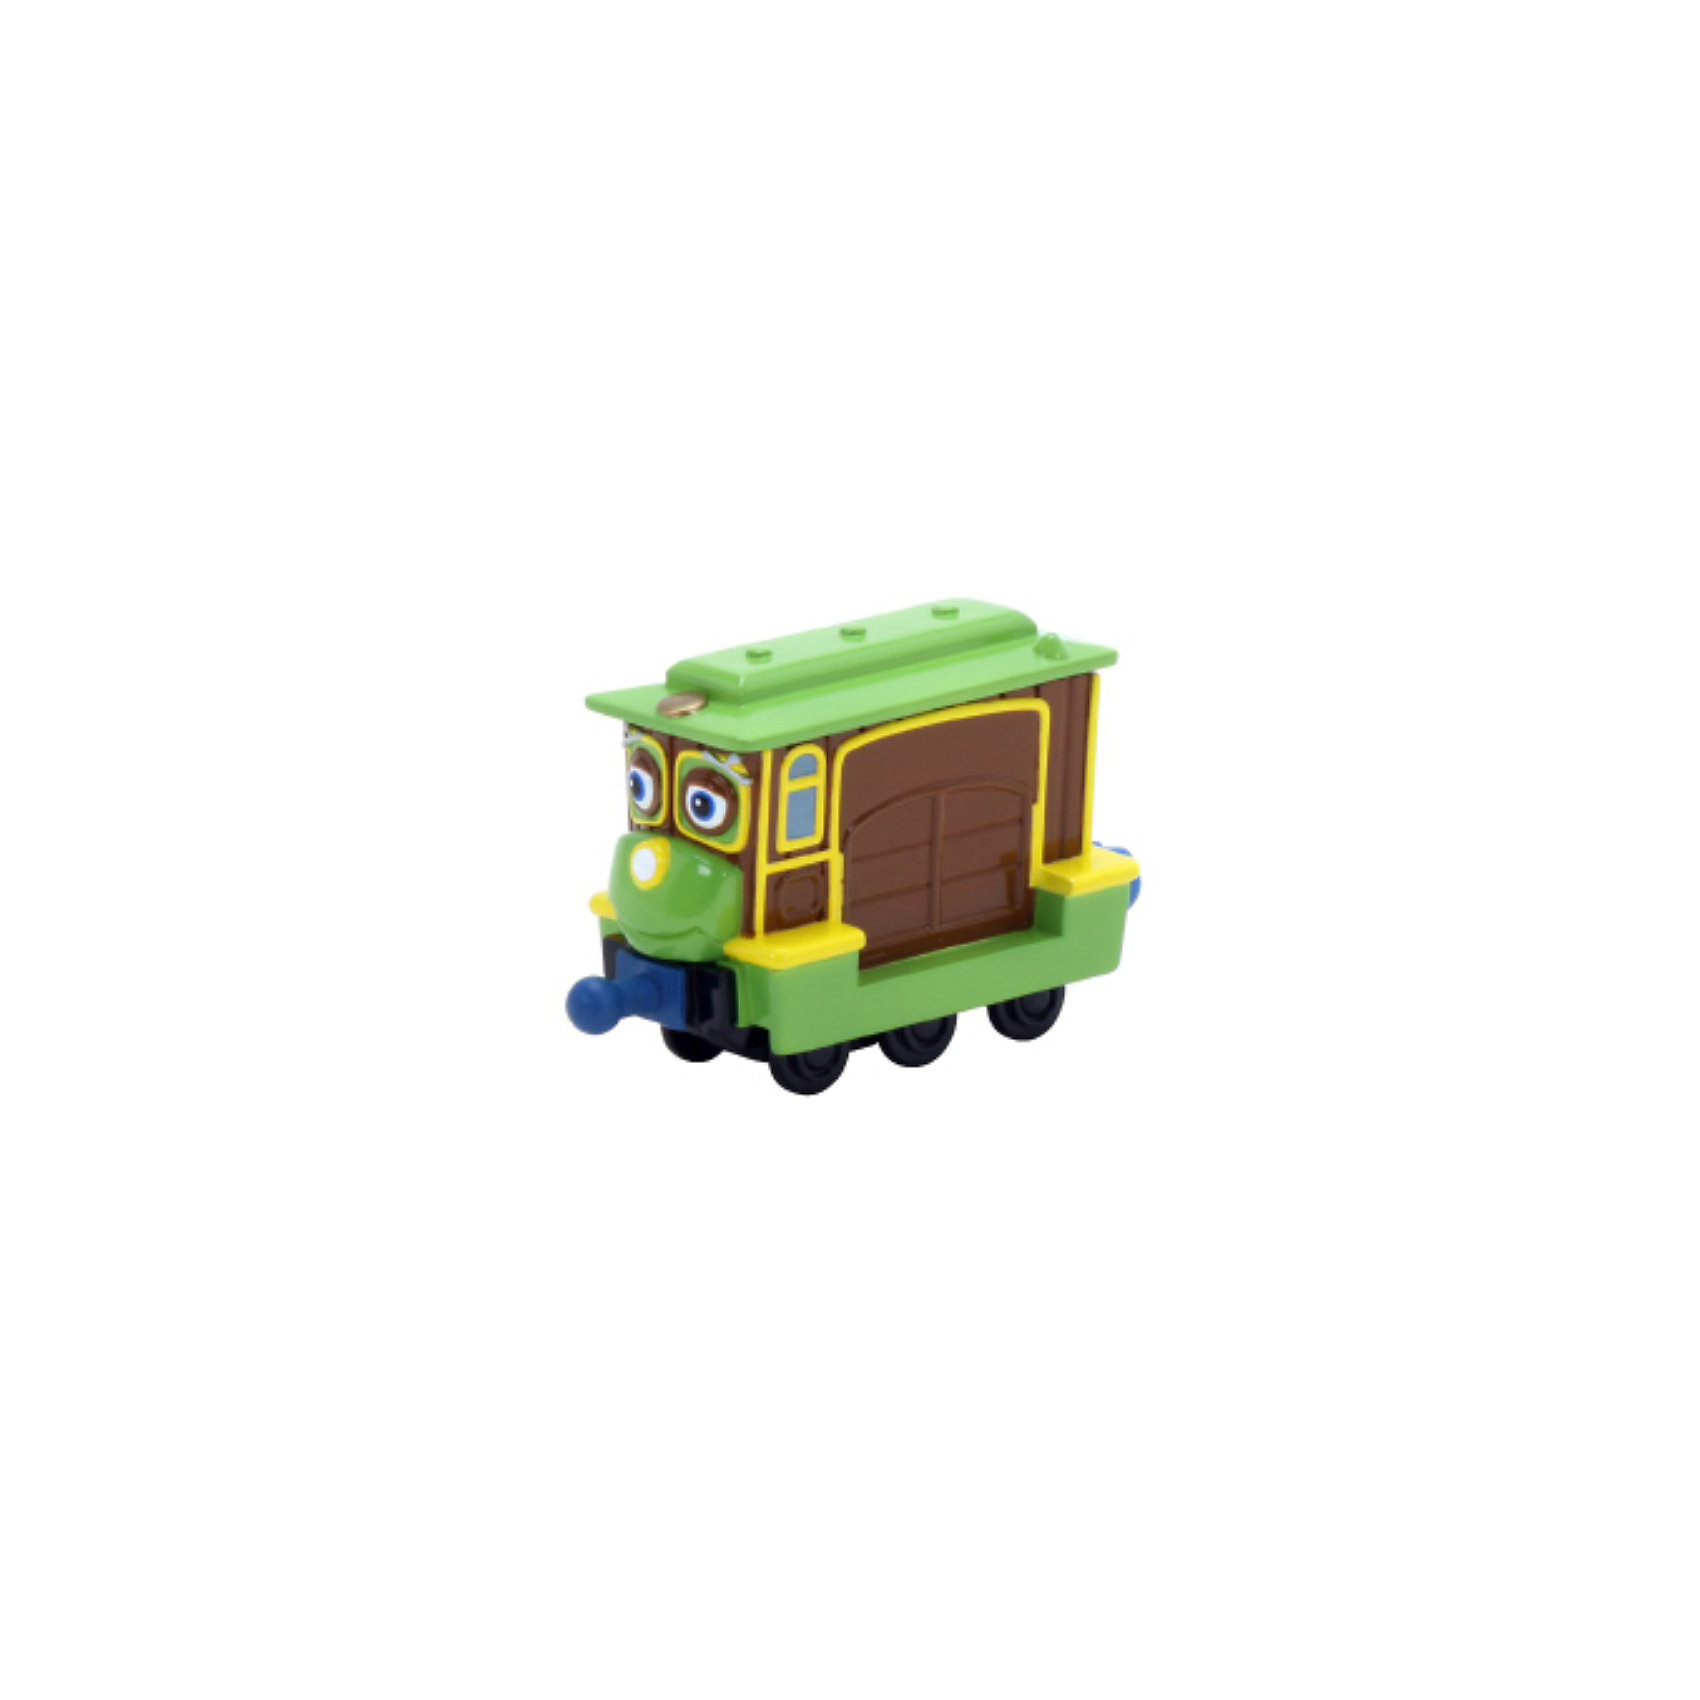 Паровозик Софи, ЧаггингтонИгрушки<br>Если Ваш ребенок поклонник мультсериала Веселые паровозики из Чаггингтона его несомненно порадует этот симпатичный паровозик. Зефи- одна из обитательниц городка Чаггингтон (Chuggington), железнодорожного центра, где живут и работают веселые паровозики.<br><br>Зефи - веселая девочка-паровозик, она очень миниатюрная и создана для перевозки пассажиров на короткие расстояния.<br><br>Зефи может приподниматься над своей платформой и крутиться вокруг себя. Дизайн паровозика соответствует своей экранной героине. Паровозик Софи легко сцепляется с другими паровозиками и вагончиками серии Die Cast Chuggington.<br><br>Дополнительная информация:<br><br>Материал: пластик, металл.<br>Размеры паровозика: 8 х 3 х 5 см.<br>Размеры упаковки: 14 х 4 х 17 см.<br><br>Купить паровозик Зефи можно в нашем интернет-магазине.<br><br>Ширина мм: 171<br>Глубина мм: 139<br>Высота мм: 25<br>Вес г: 76<br>Возраст от месяцев: 36<br>Возраст до месяцев: 60<br>Пол: Мужской<br>Возраст: Детский<br>SKU: 1993543